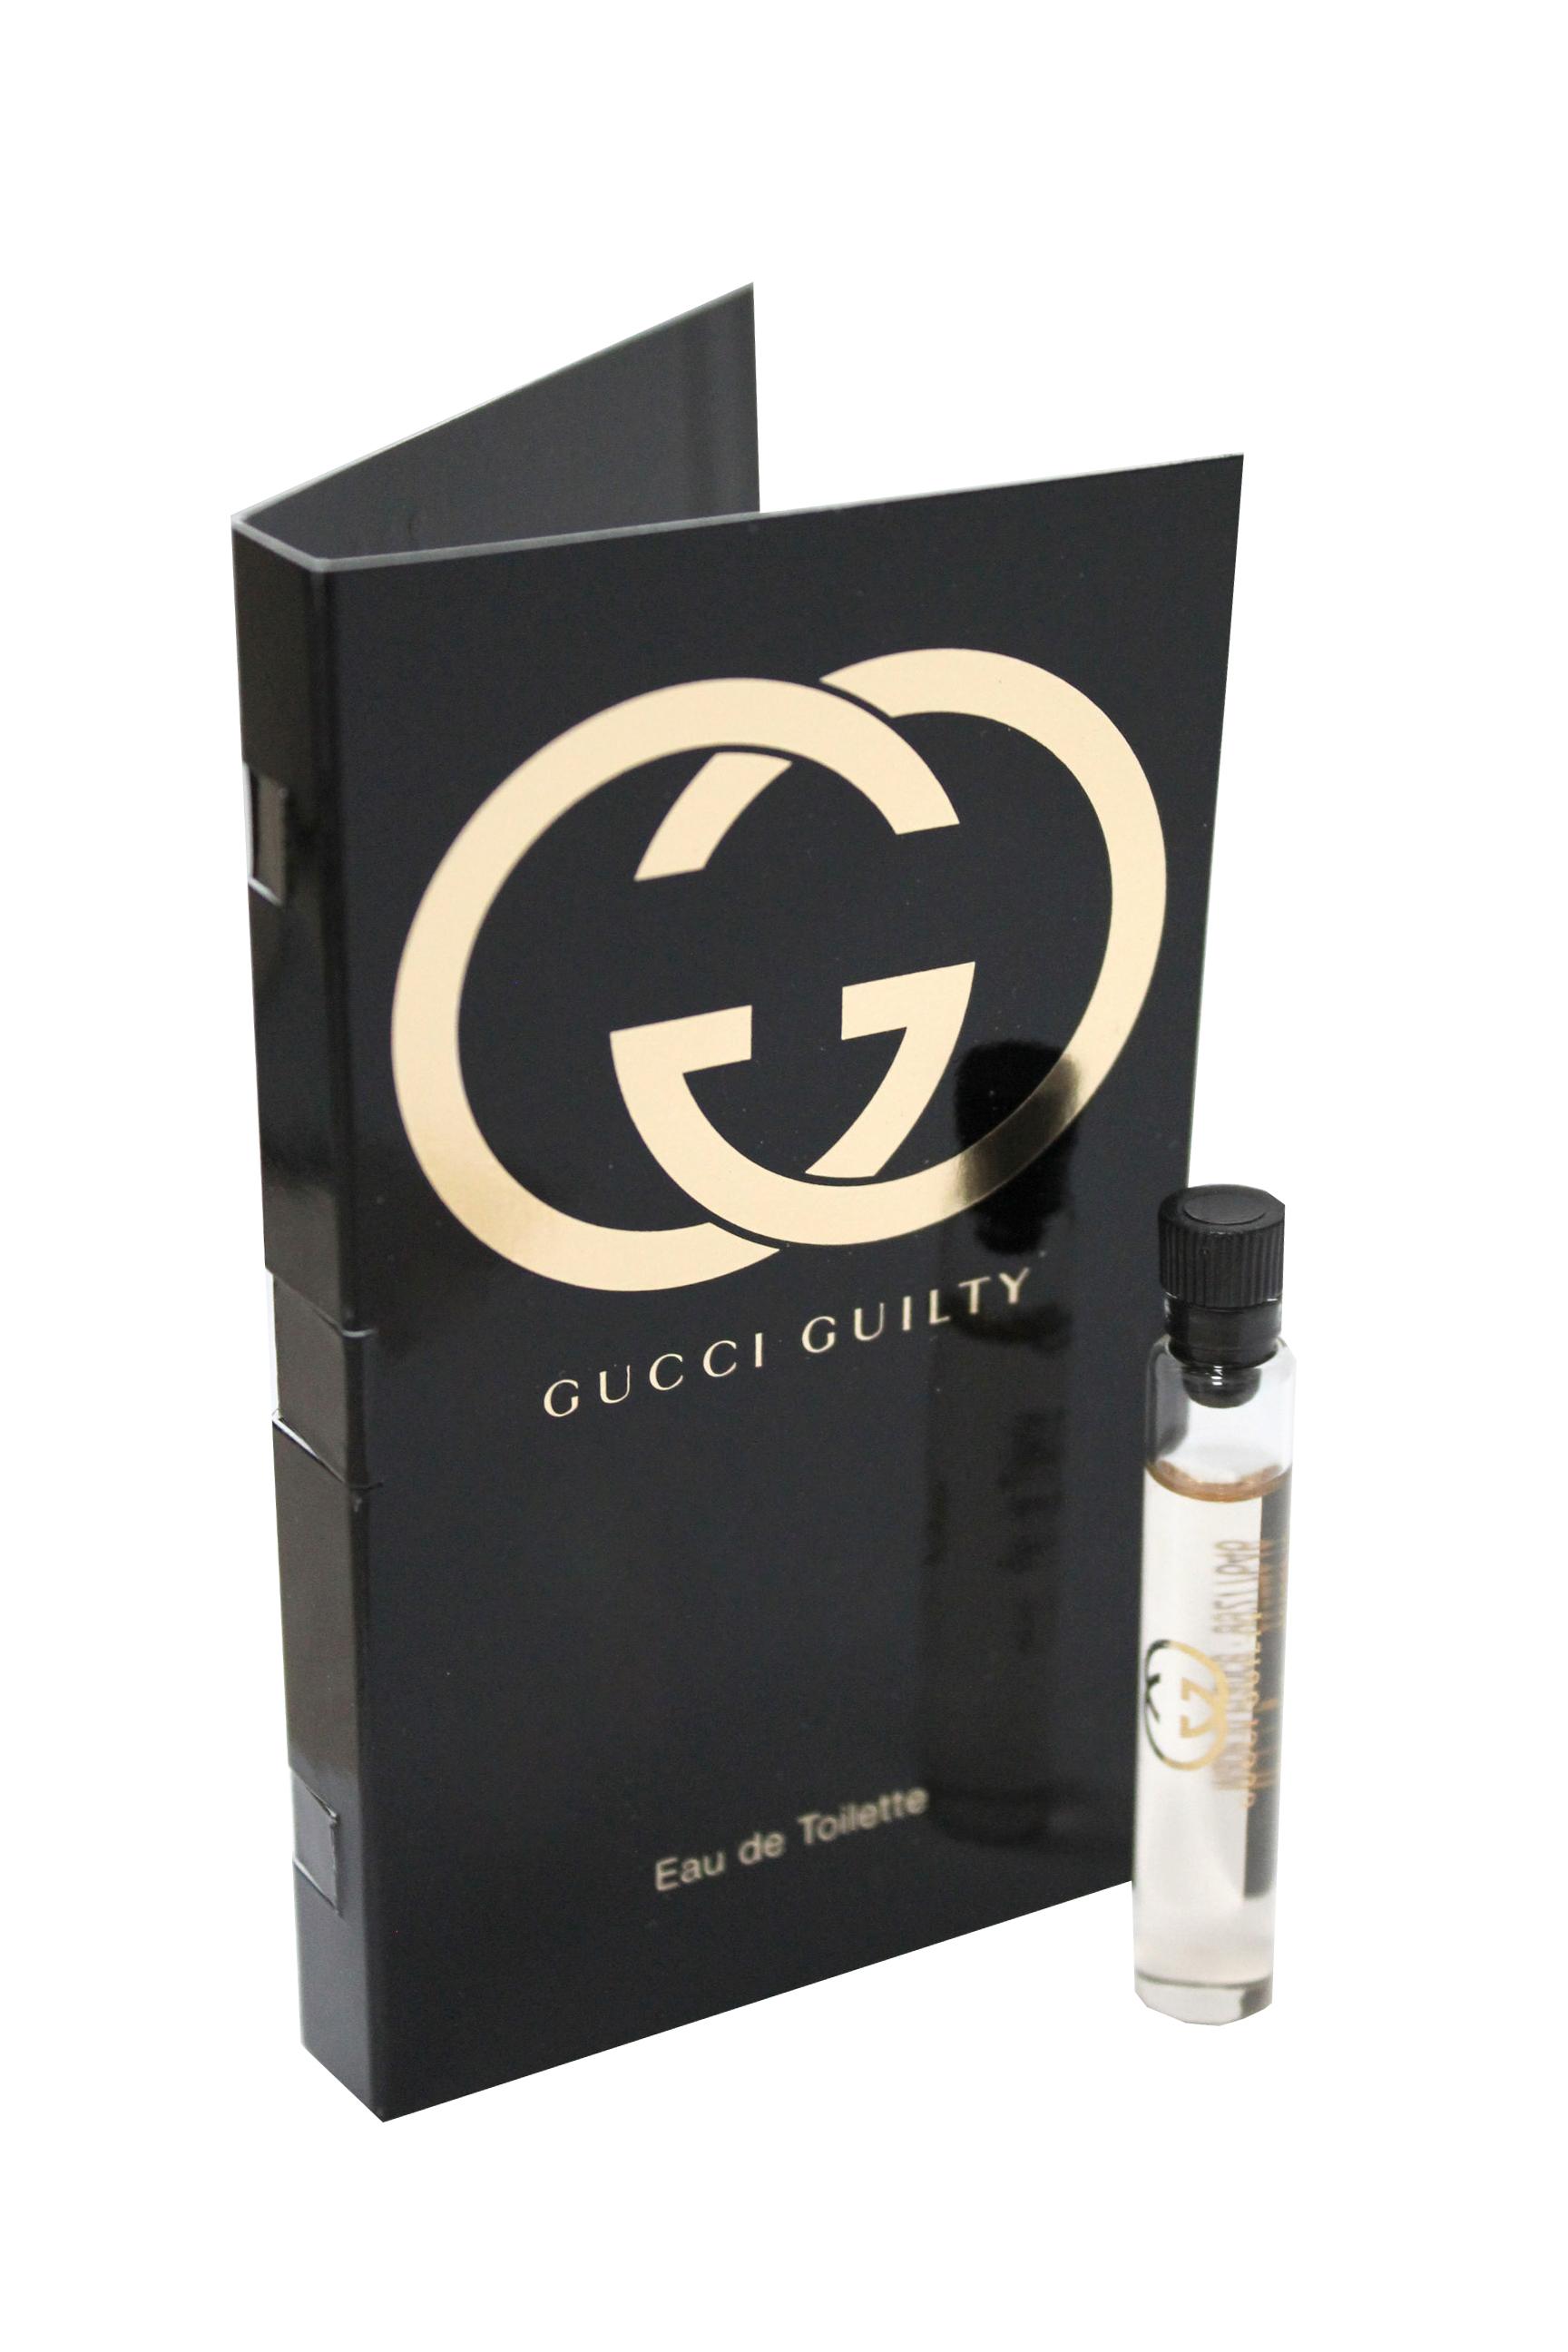 daf69bca5 Gucci guilty edt 50ml levně | Blesk zboží